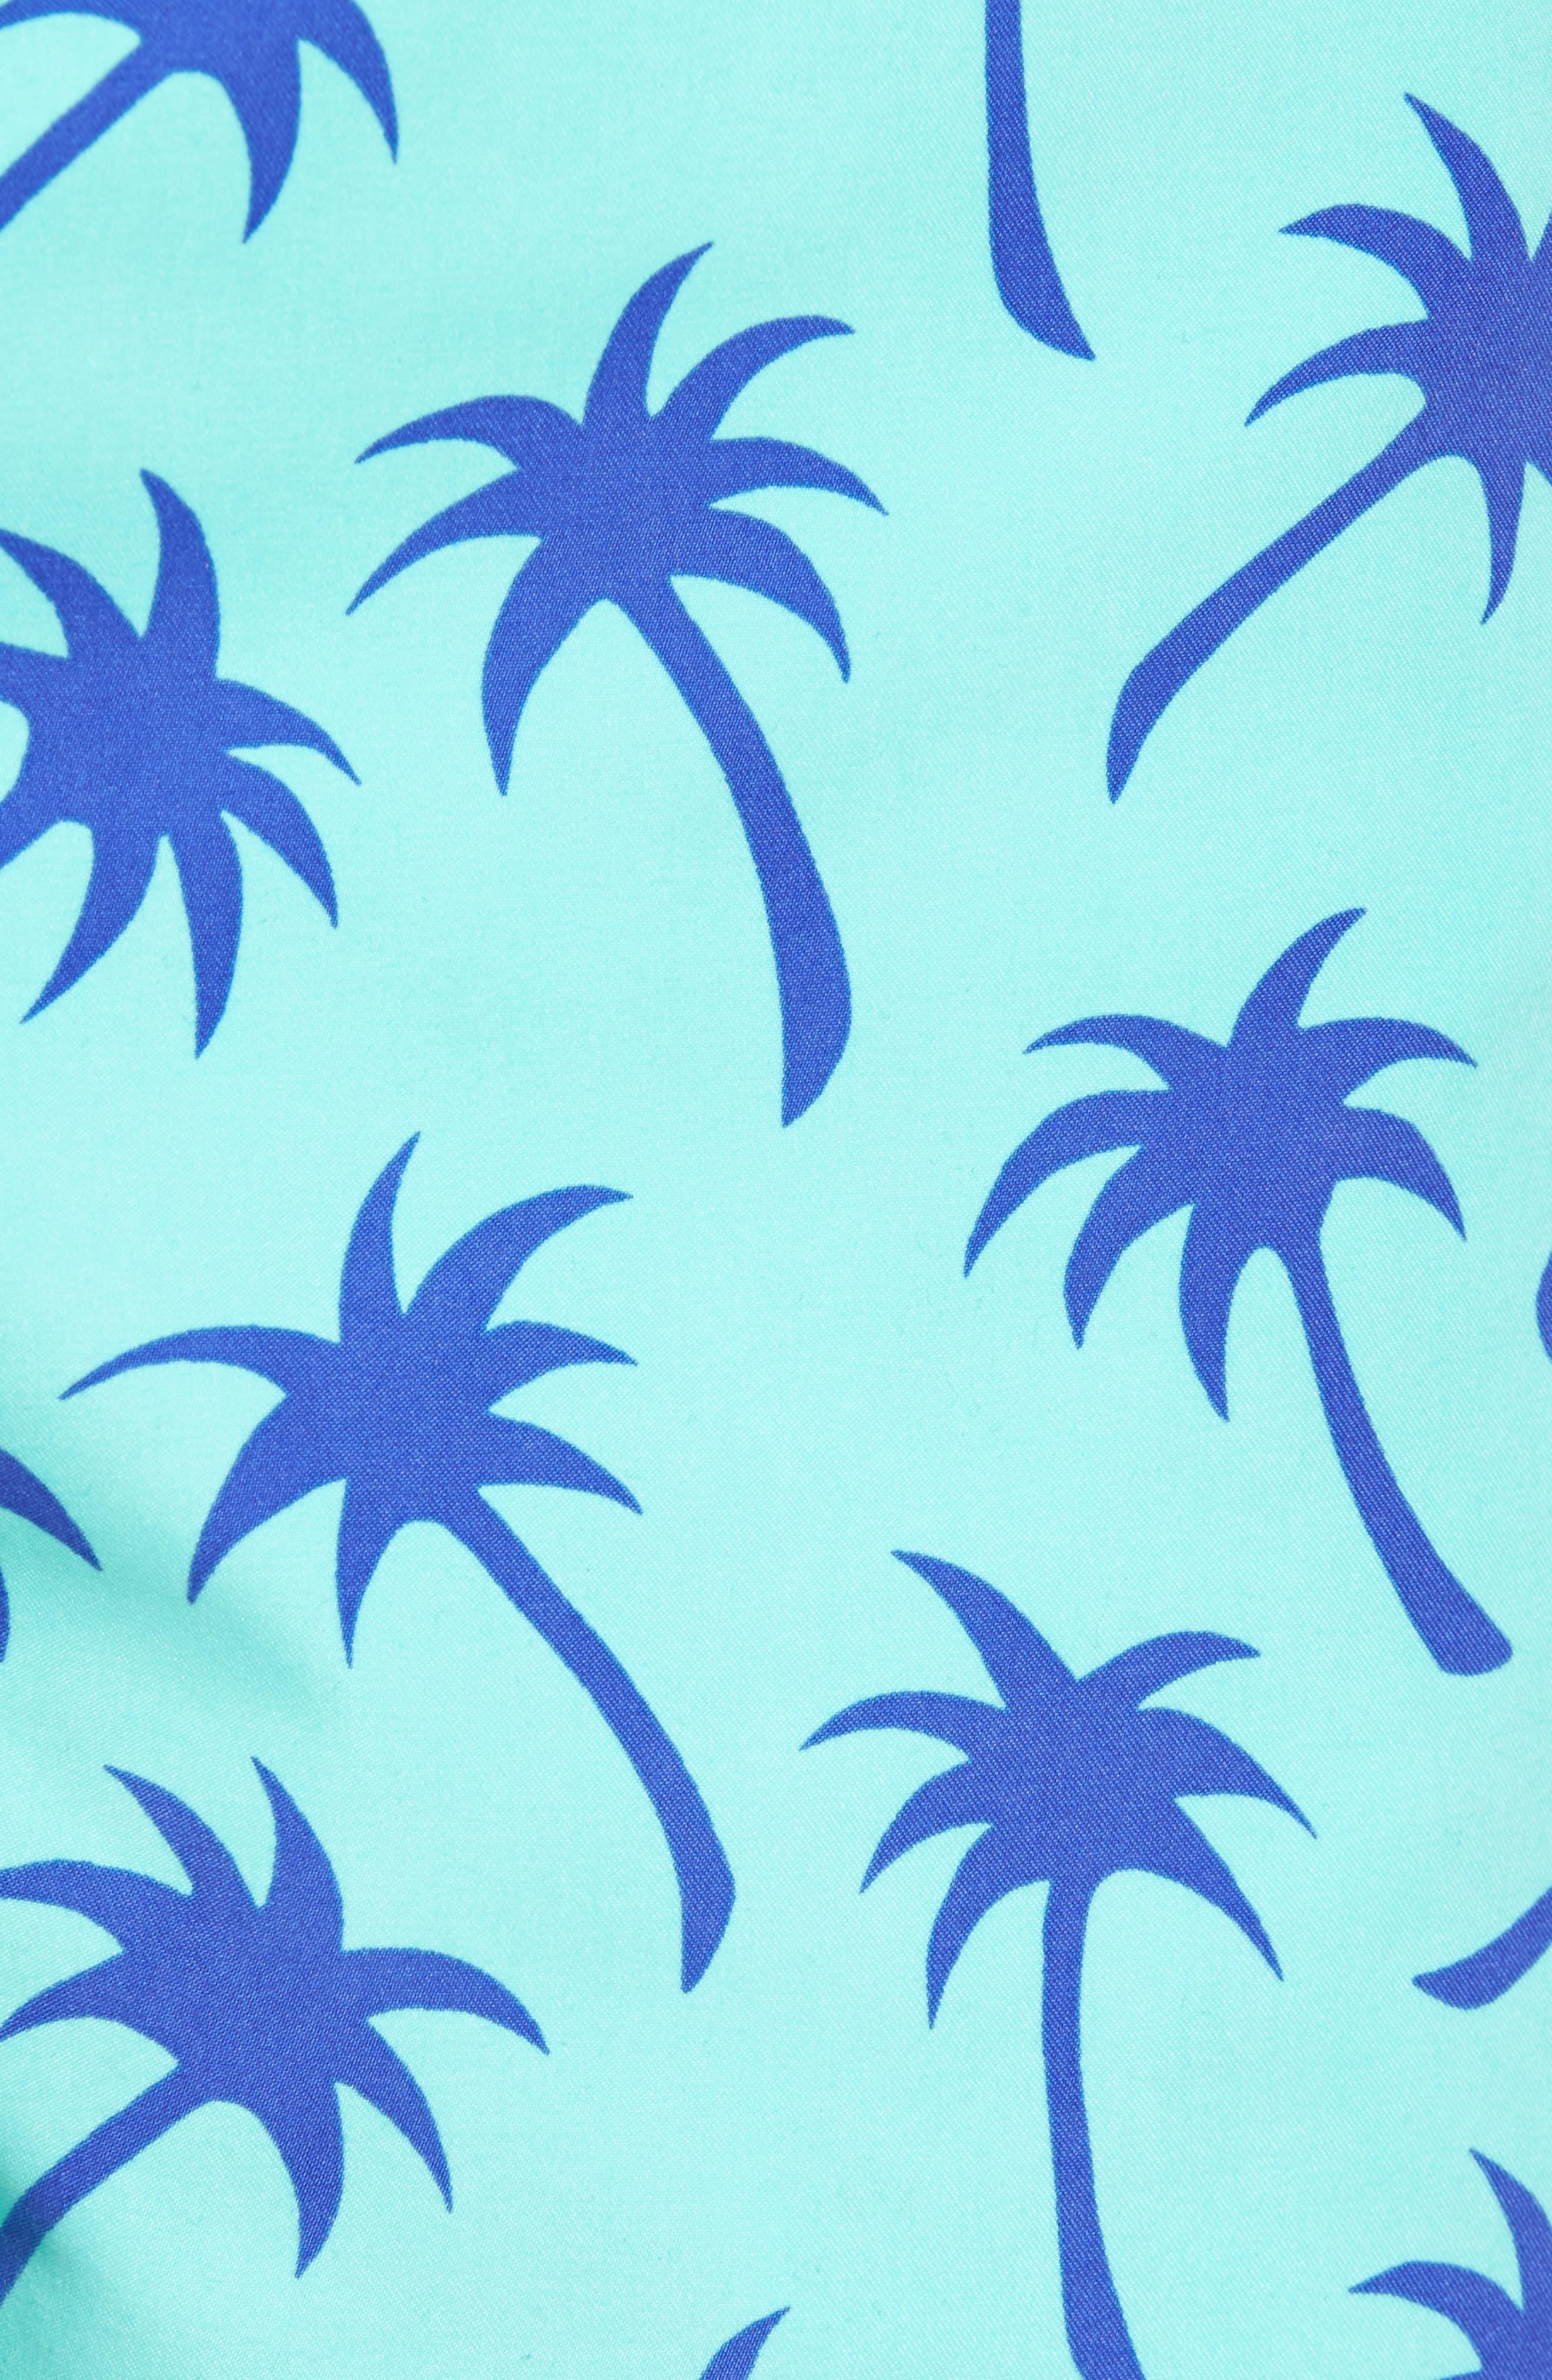 Palm Tree Print Swim Trunks,                             Alternate thumbnail 5, color,                             Emerald/ Blue